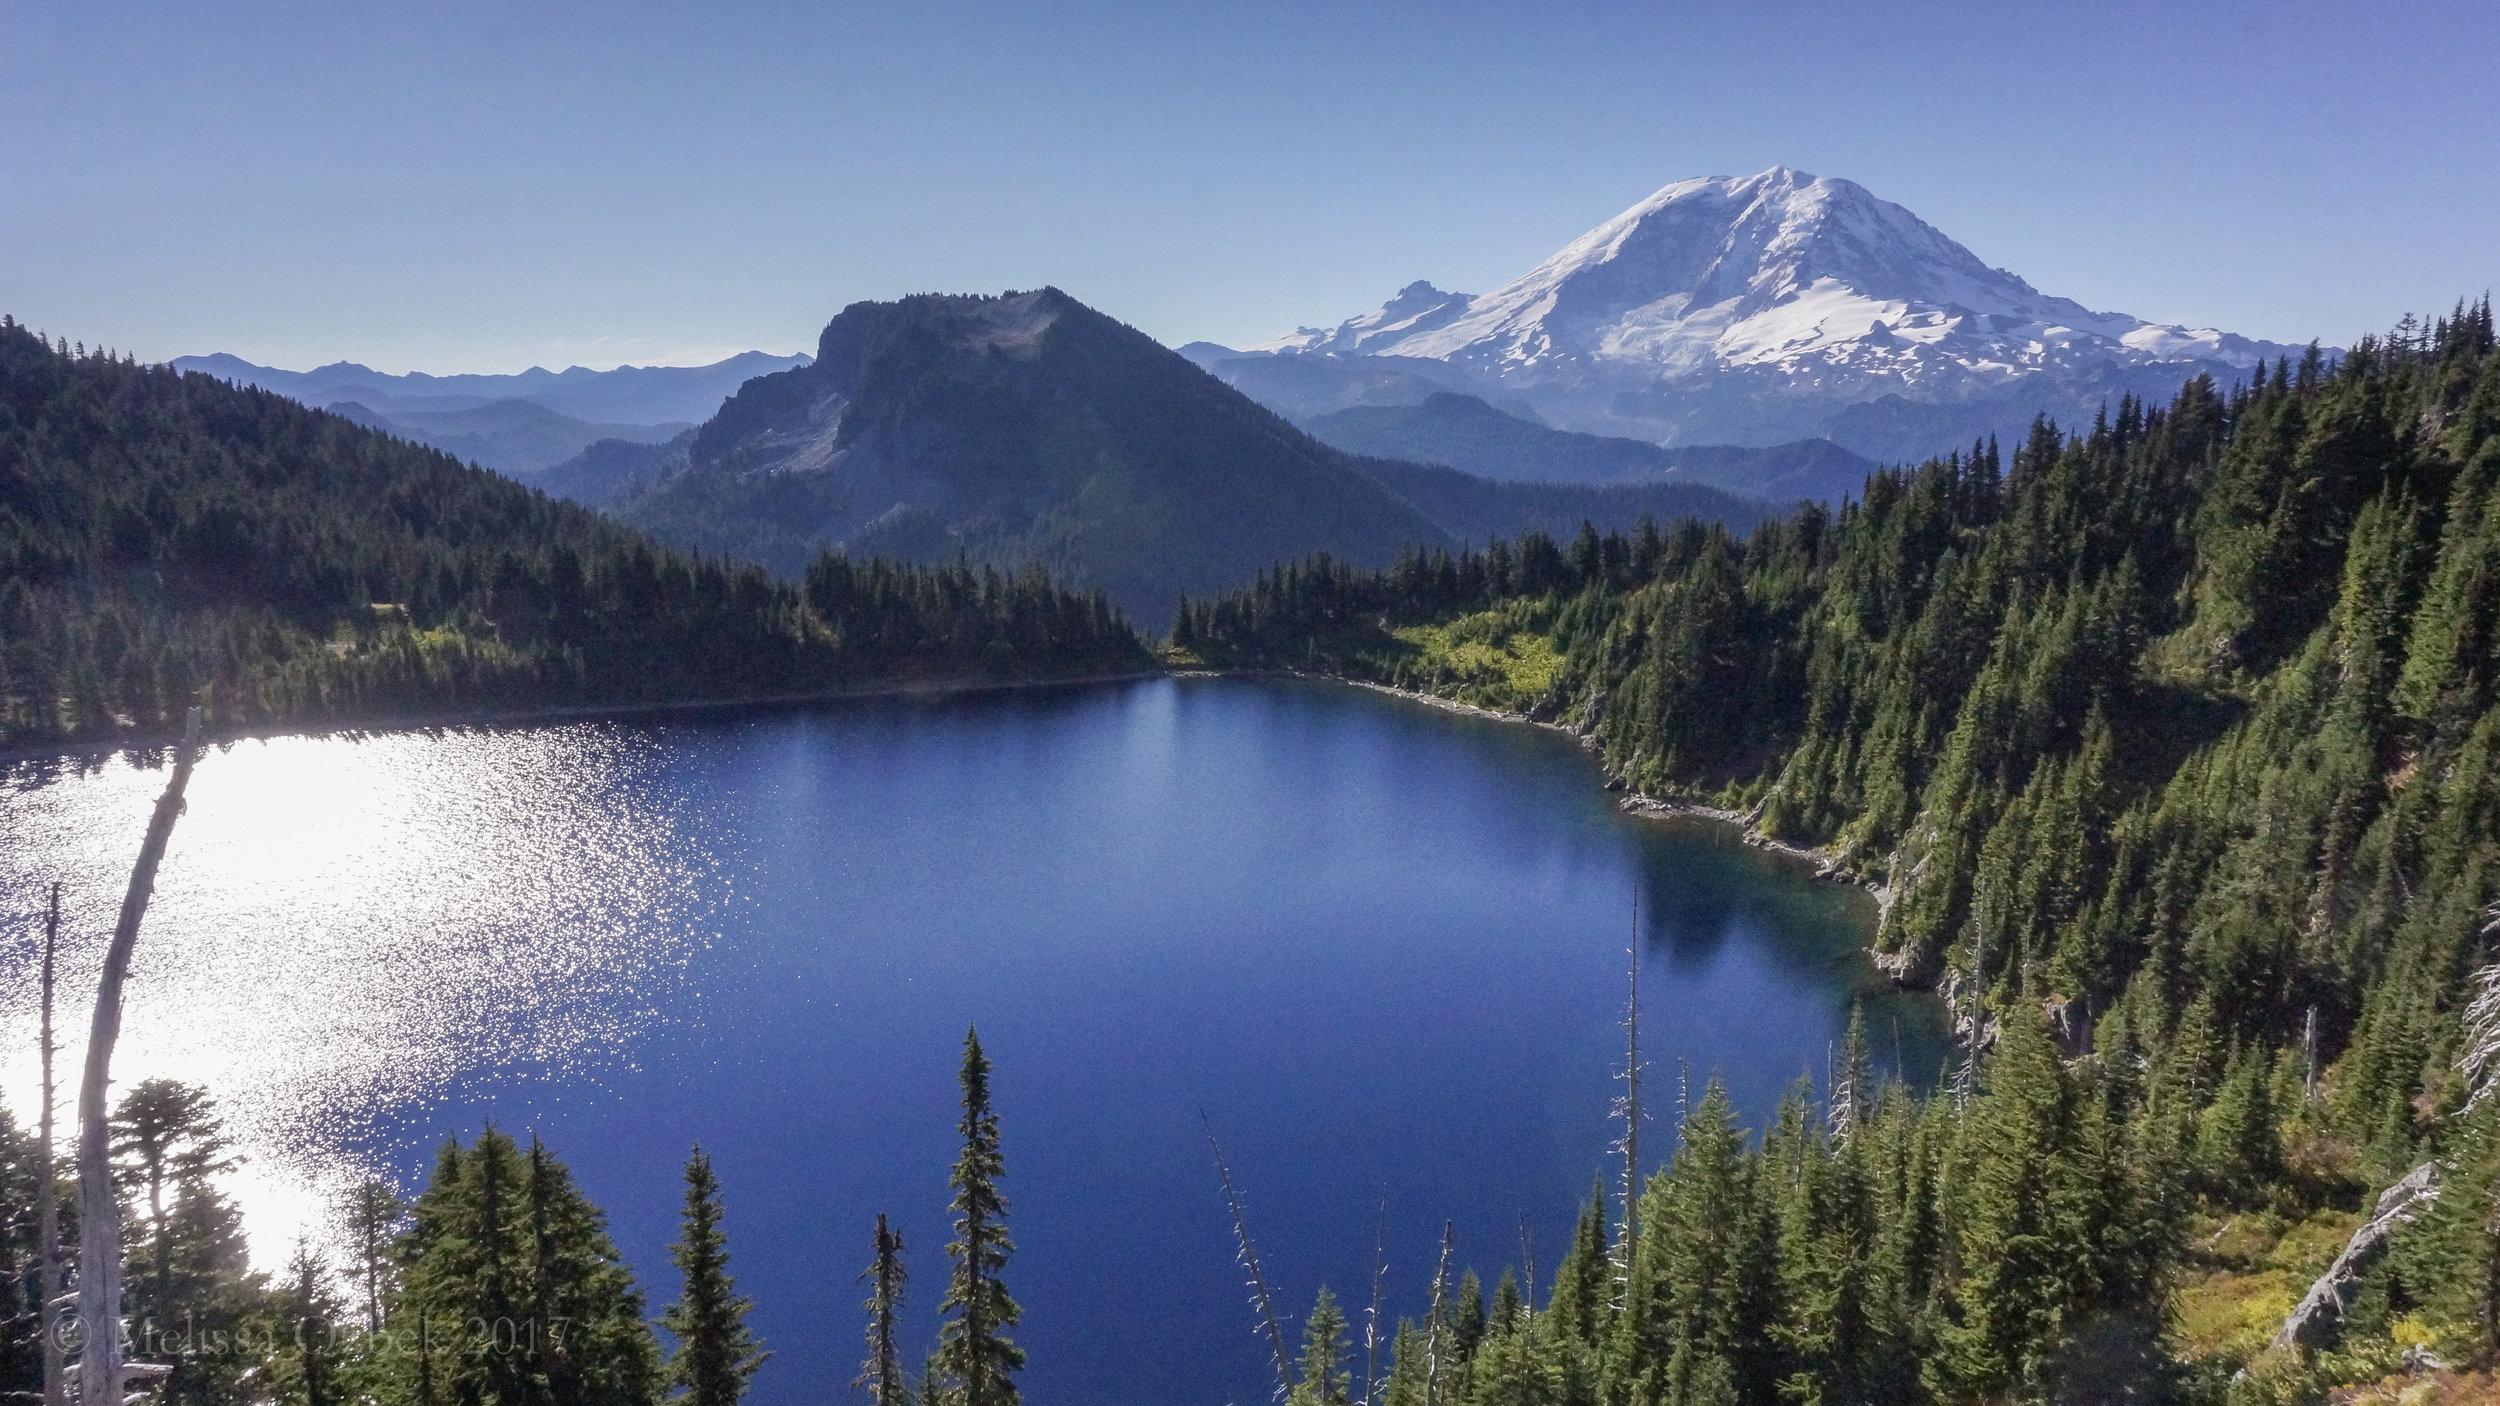 3. Summit Lake